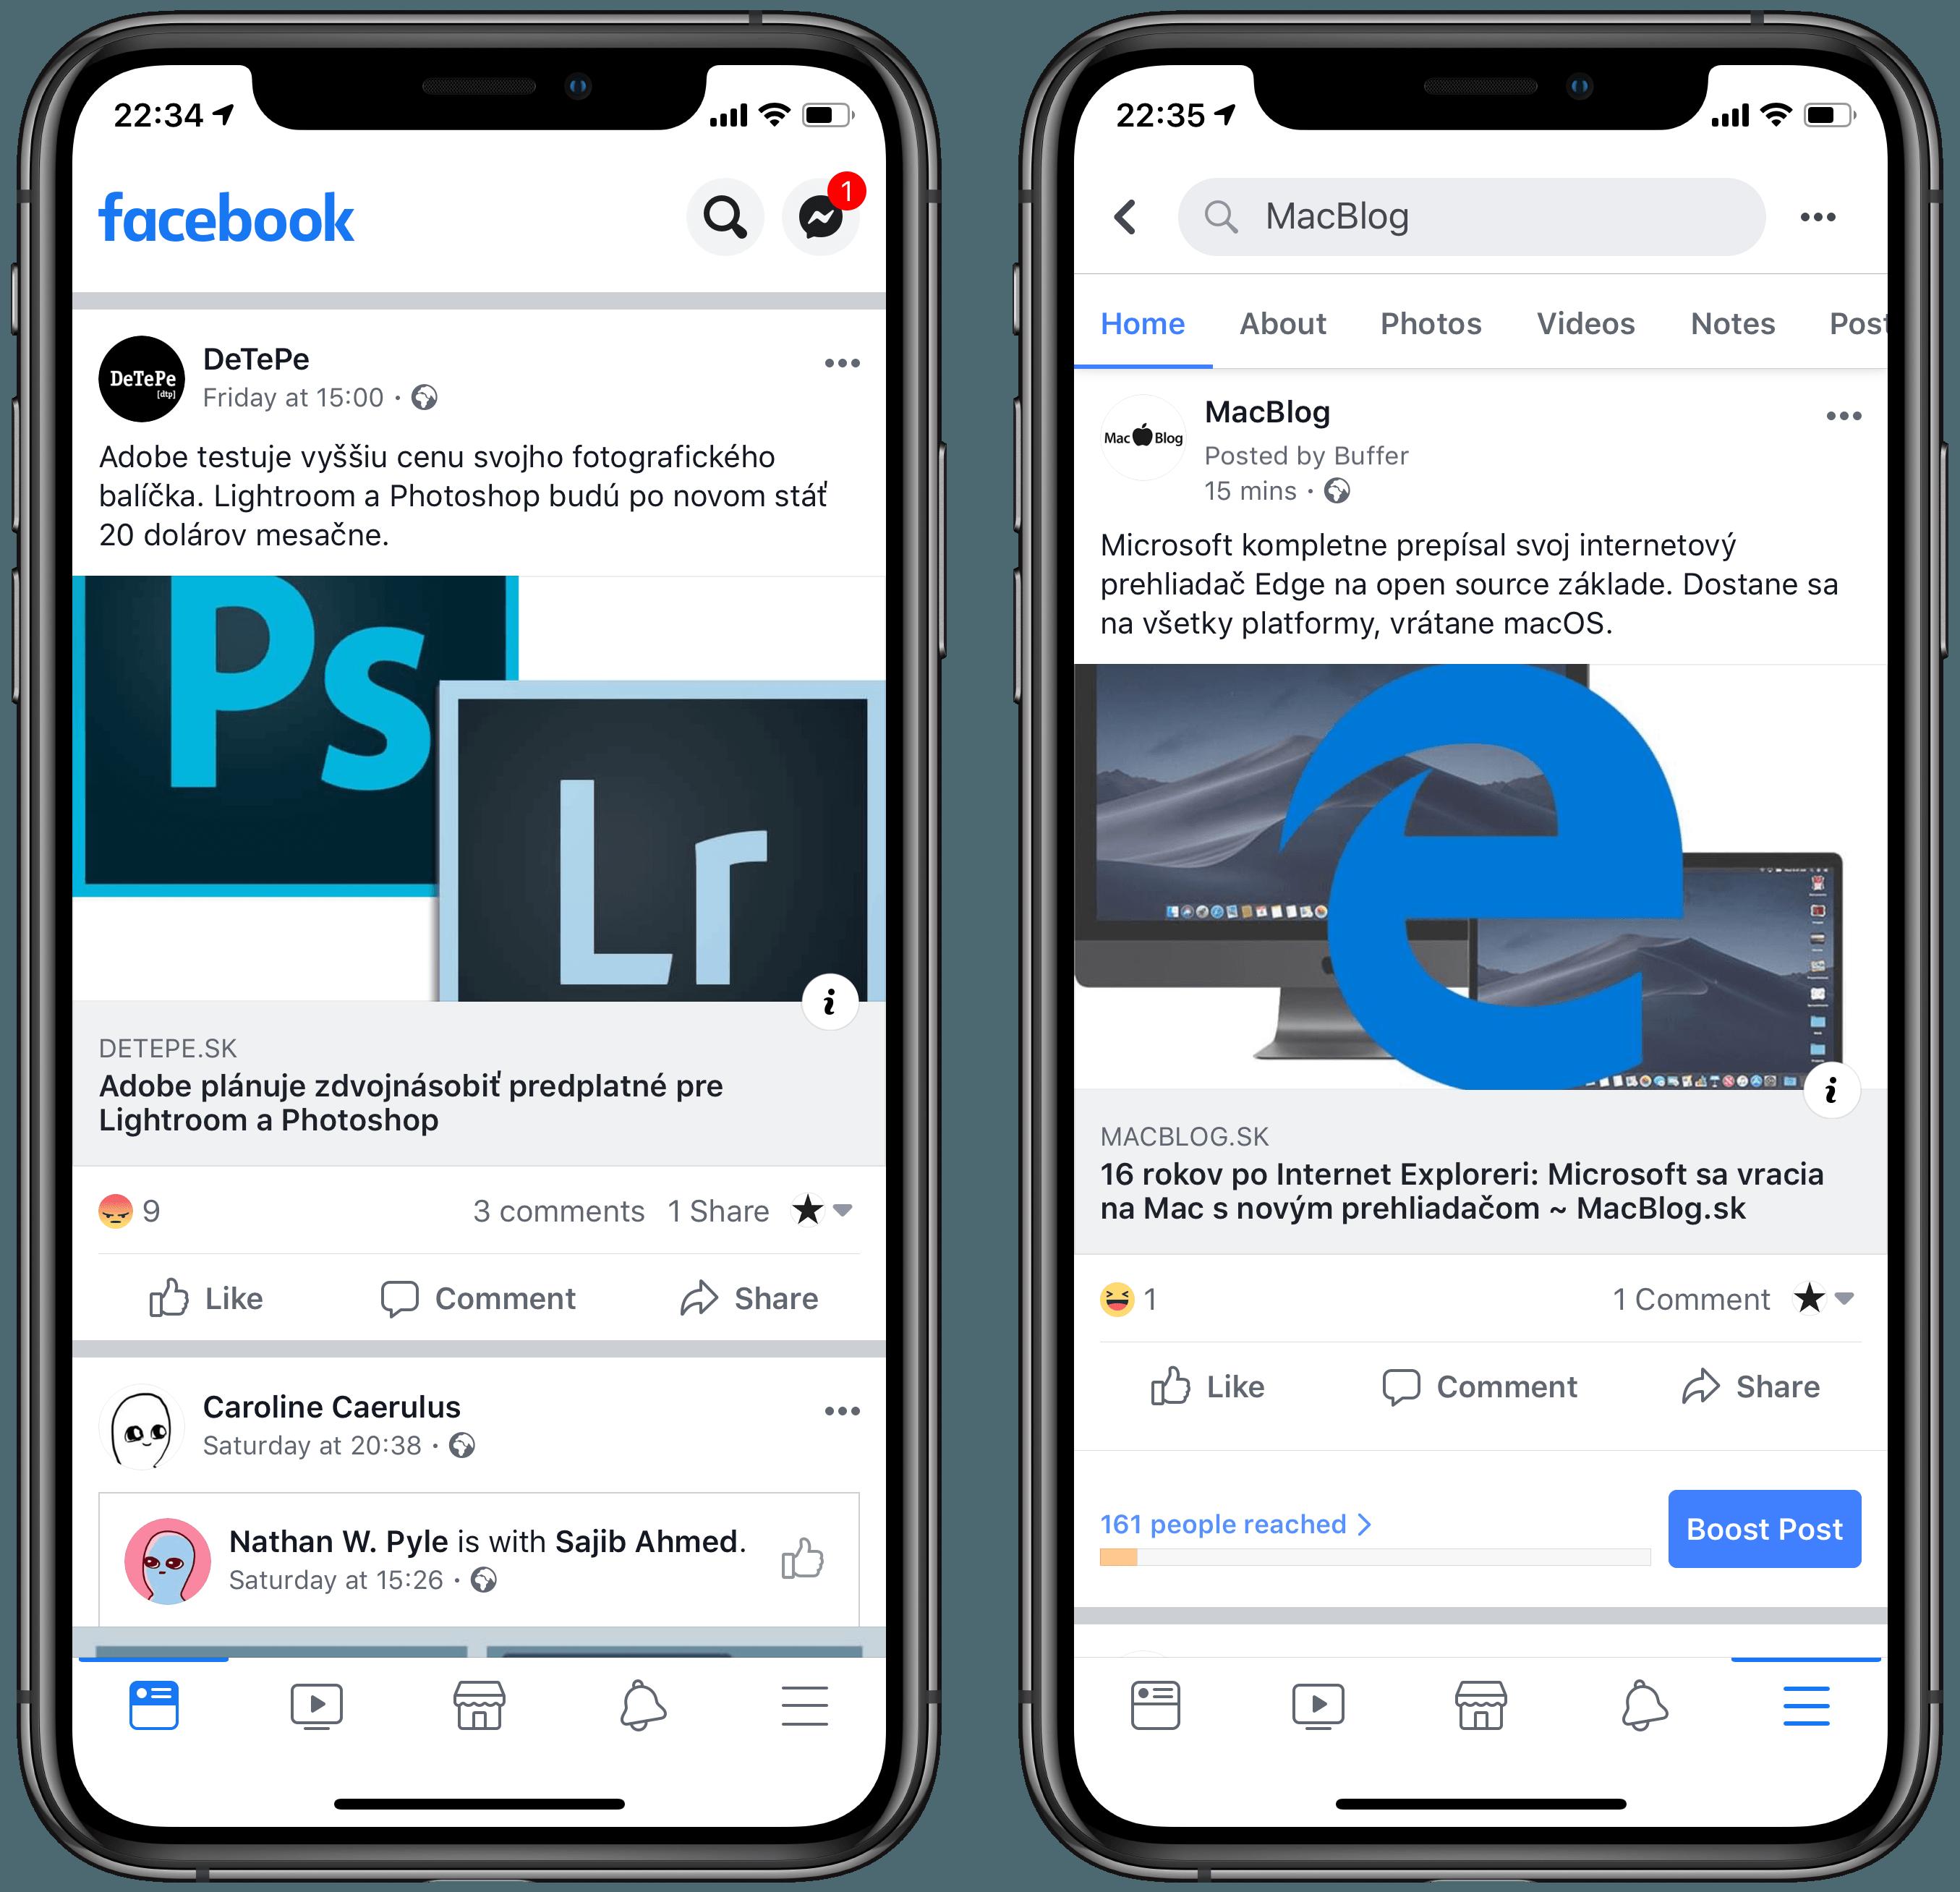 facebookredesign 2019 - Facebook prechádza redizajnom, Messenger sa čoskoro dostane aj na Mac